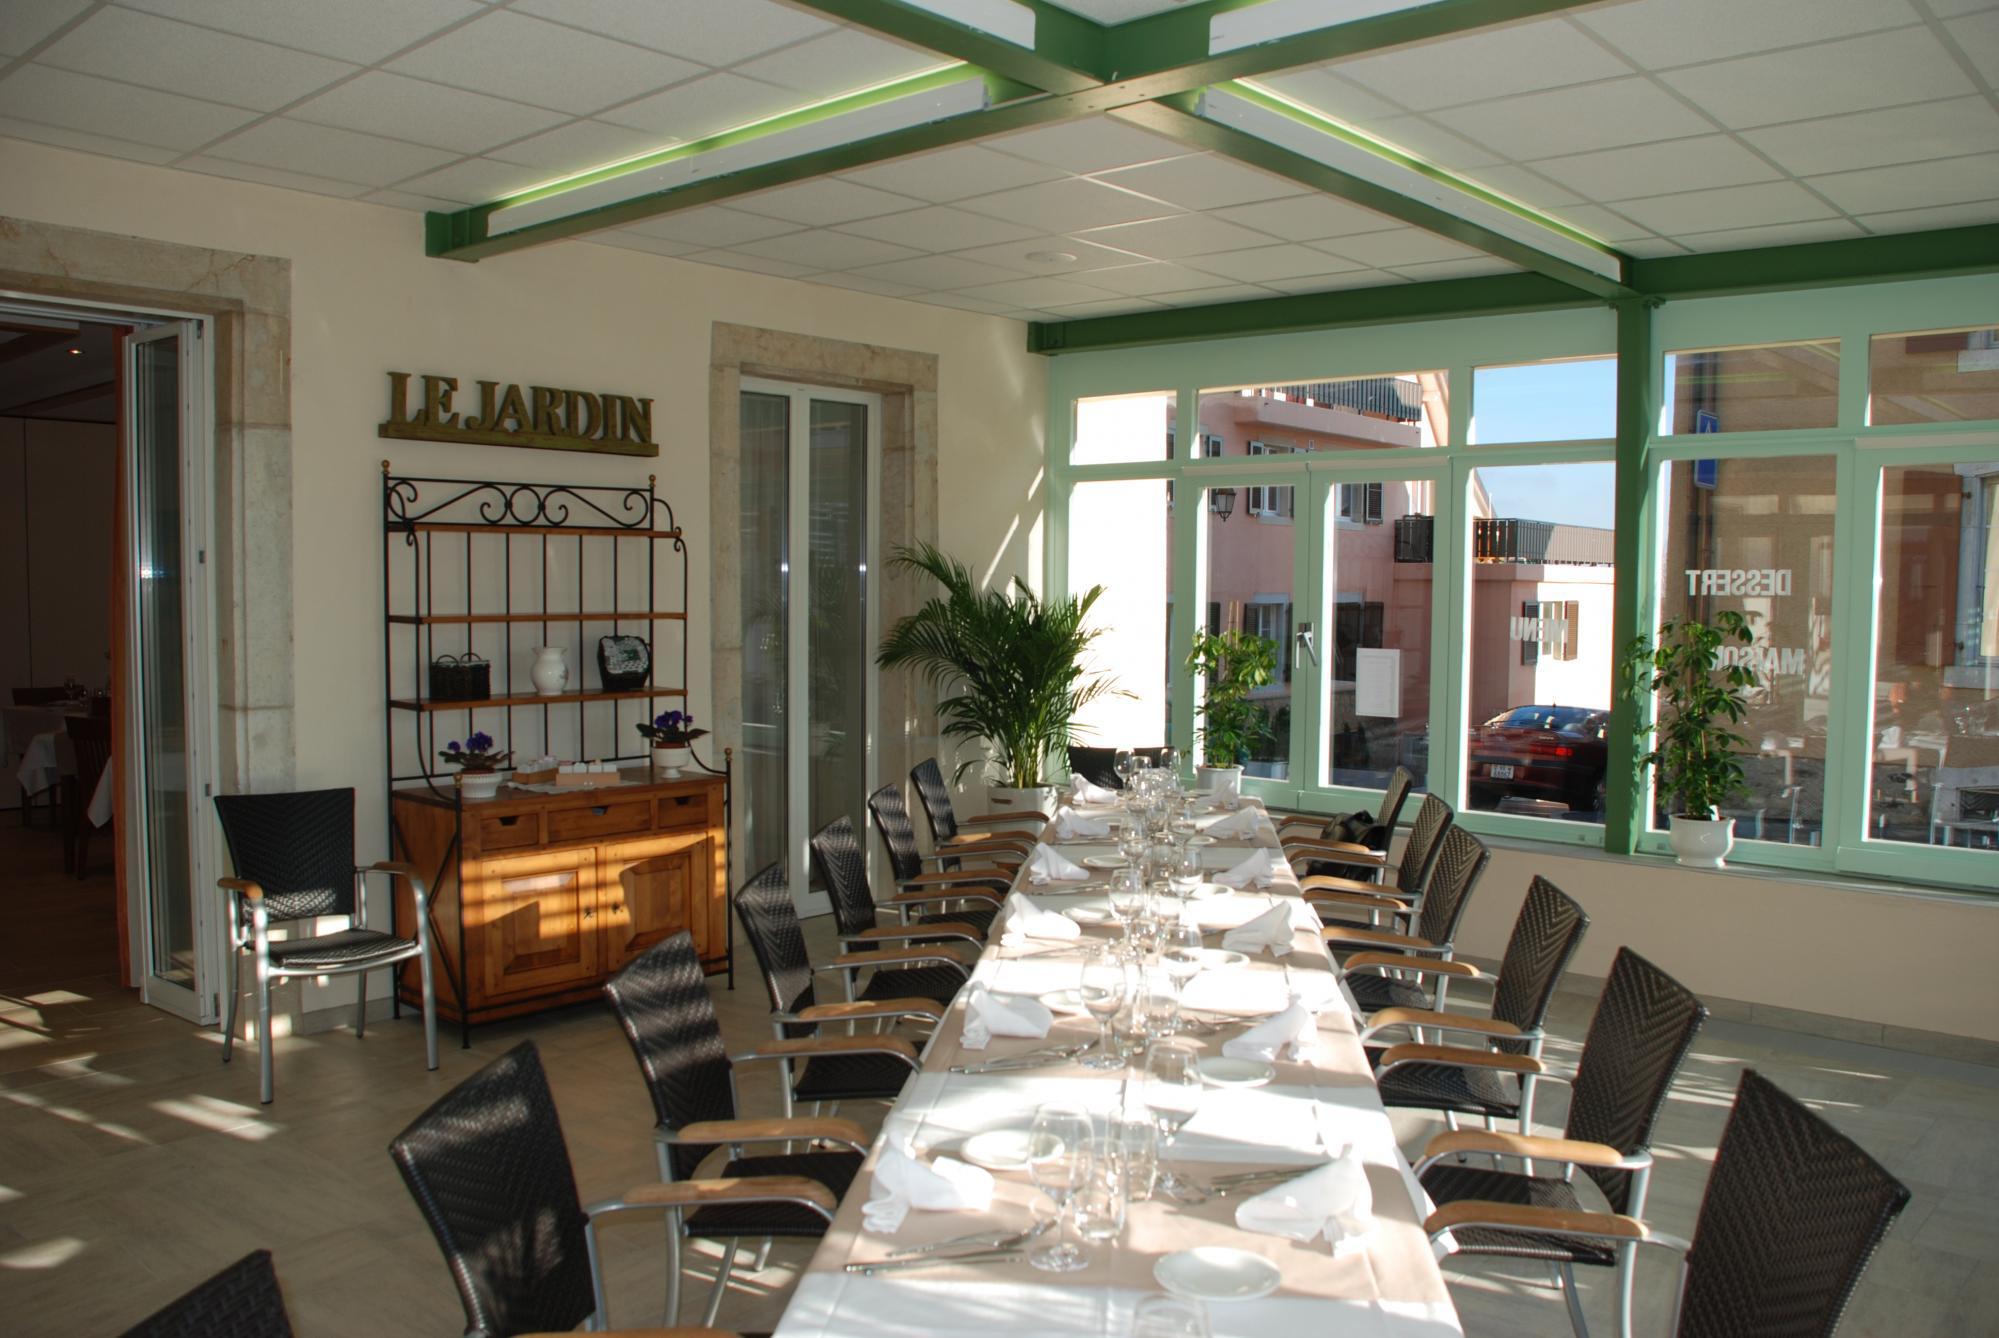 Modernes Harmonia Appartement Verzaubert Urban Design | Restaurant Auberge Aux Deux Sapins Morges Region Schweiz